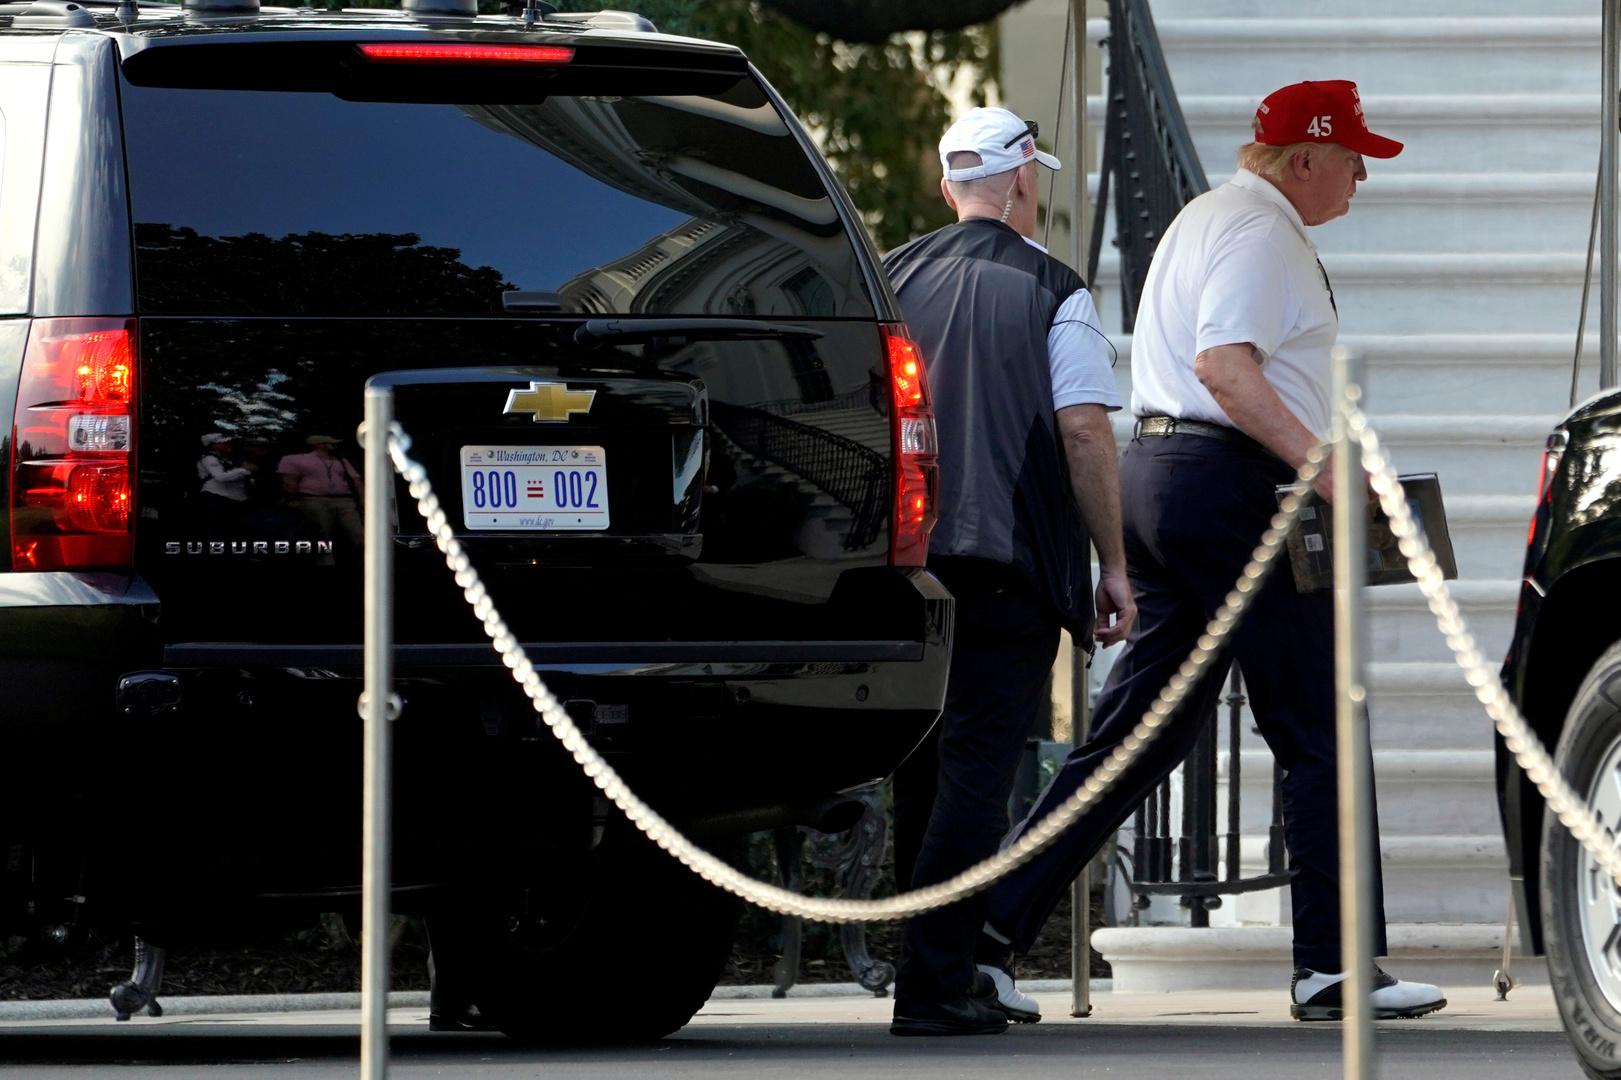 مسؤولون يكشفون تفاصيل تخطيط ترامب في منتجع للغولف لاغتيال سليماني